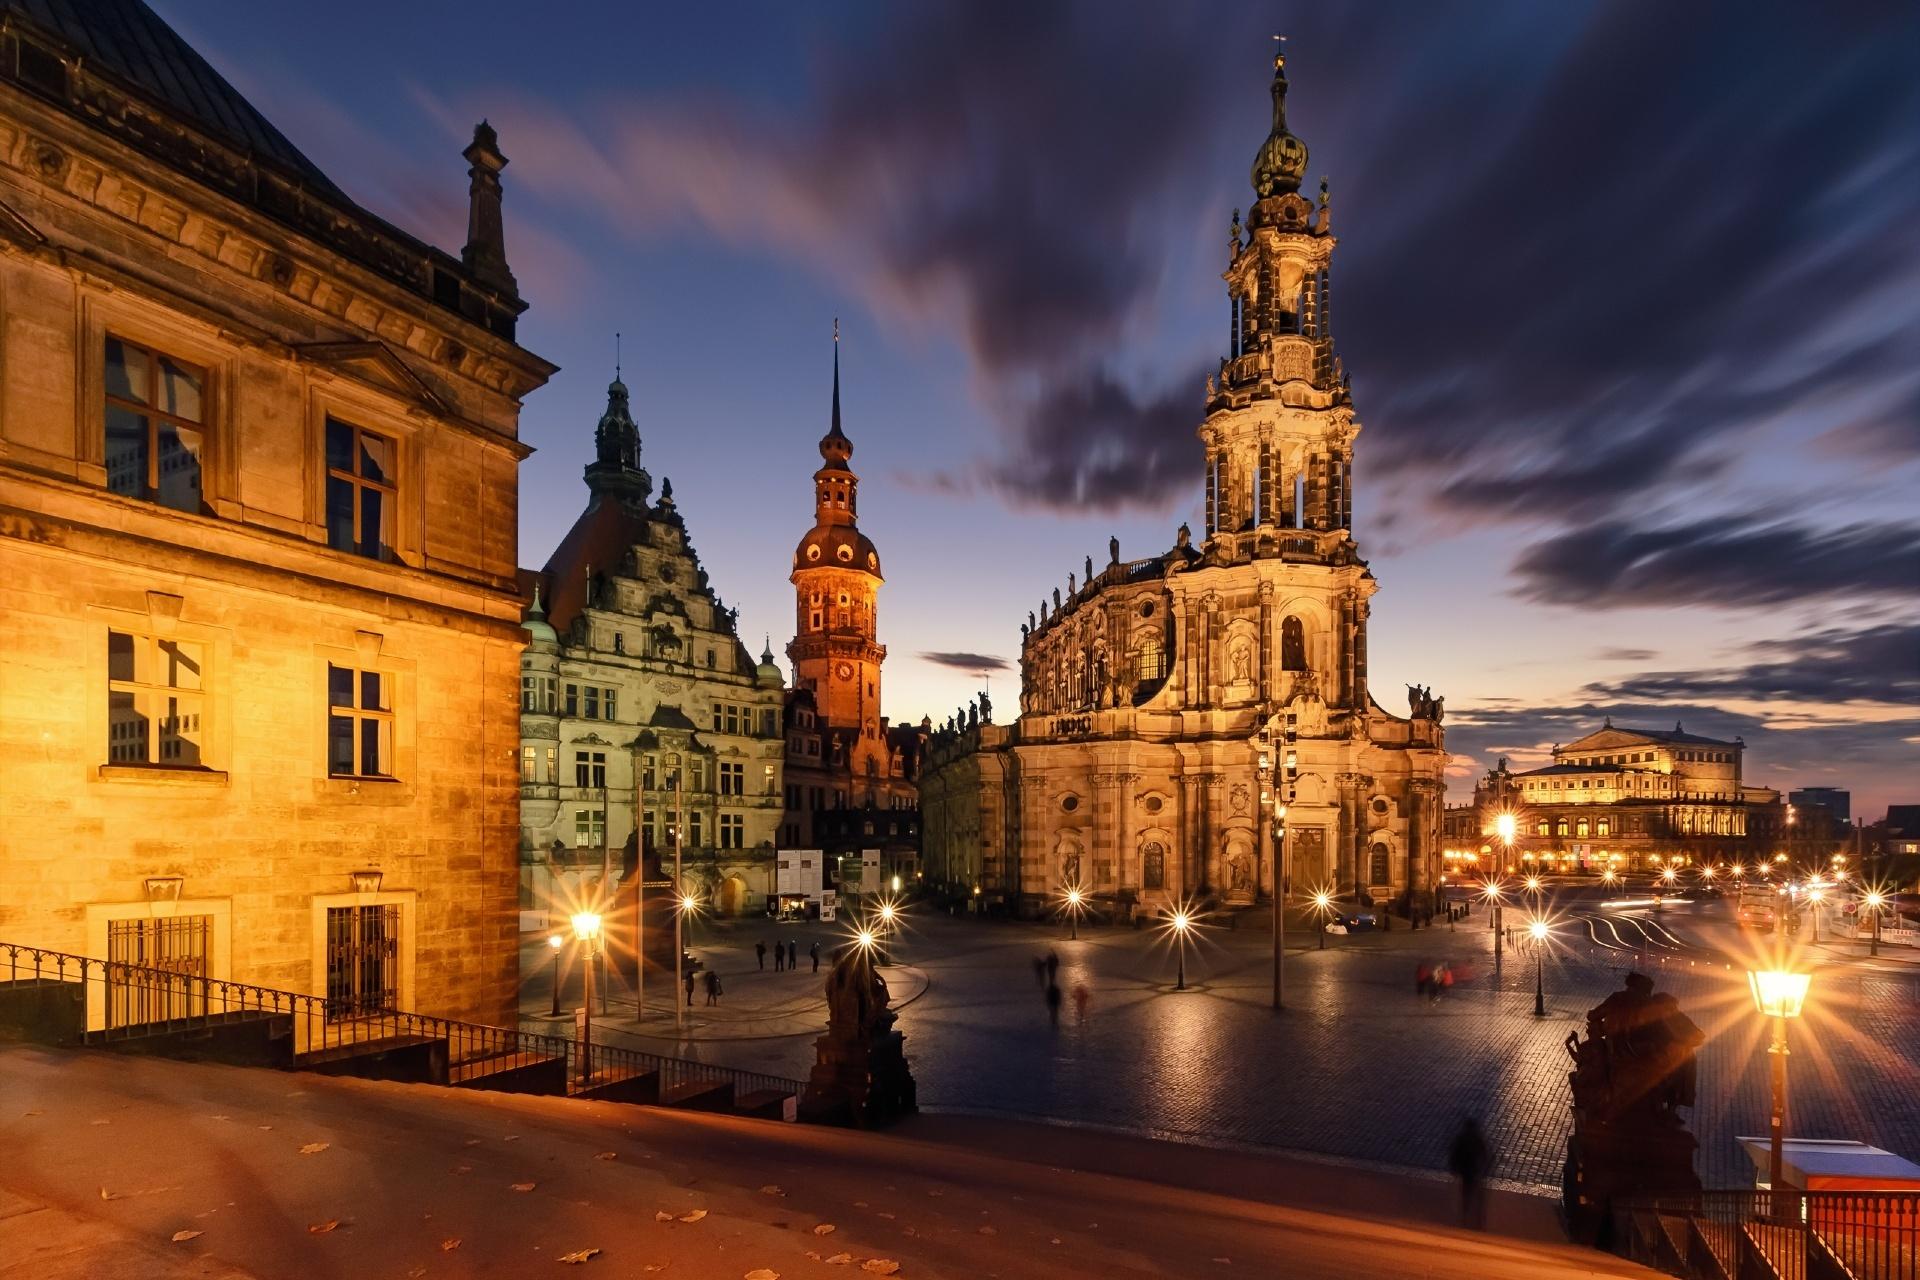 夜のドレスデンの風景 ドイツの風景